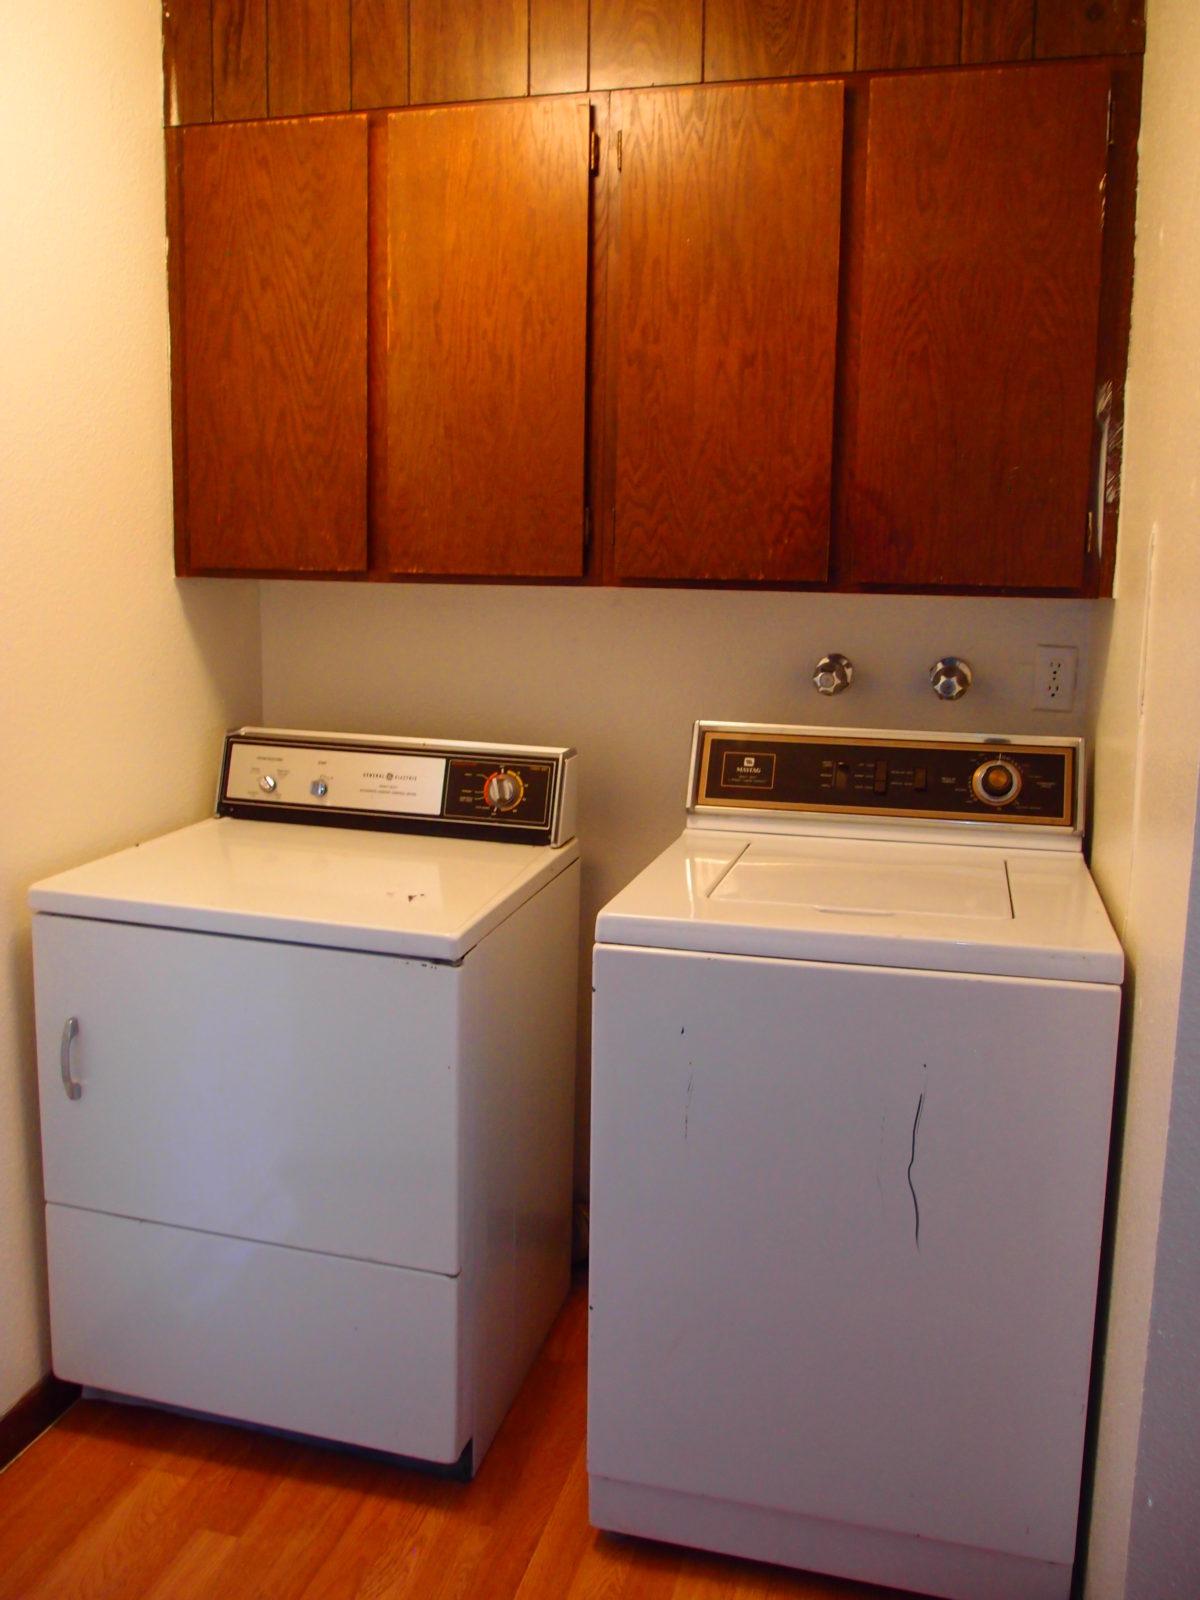 2166 Dexter: Washer Dryer